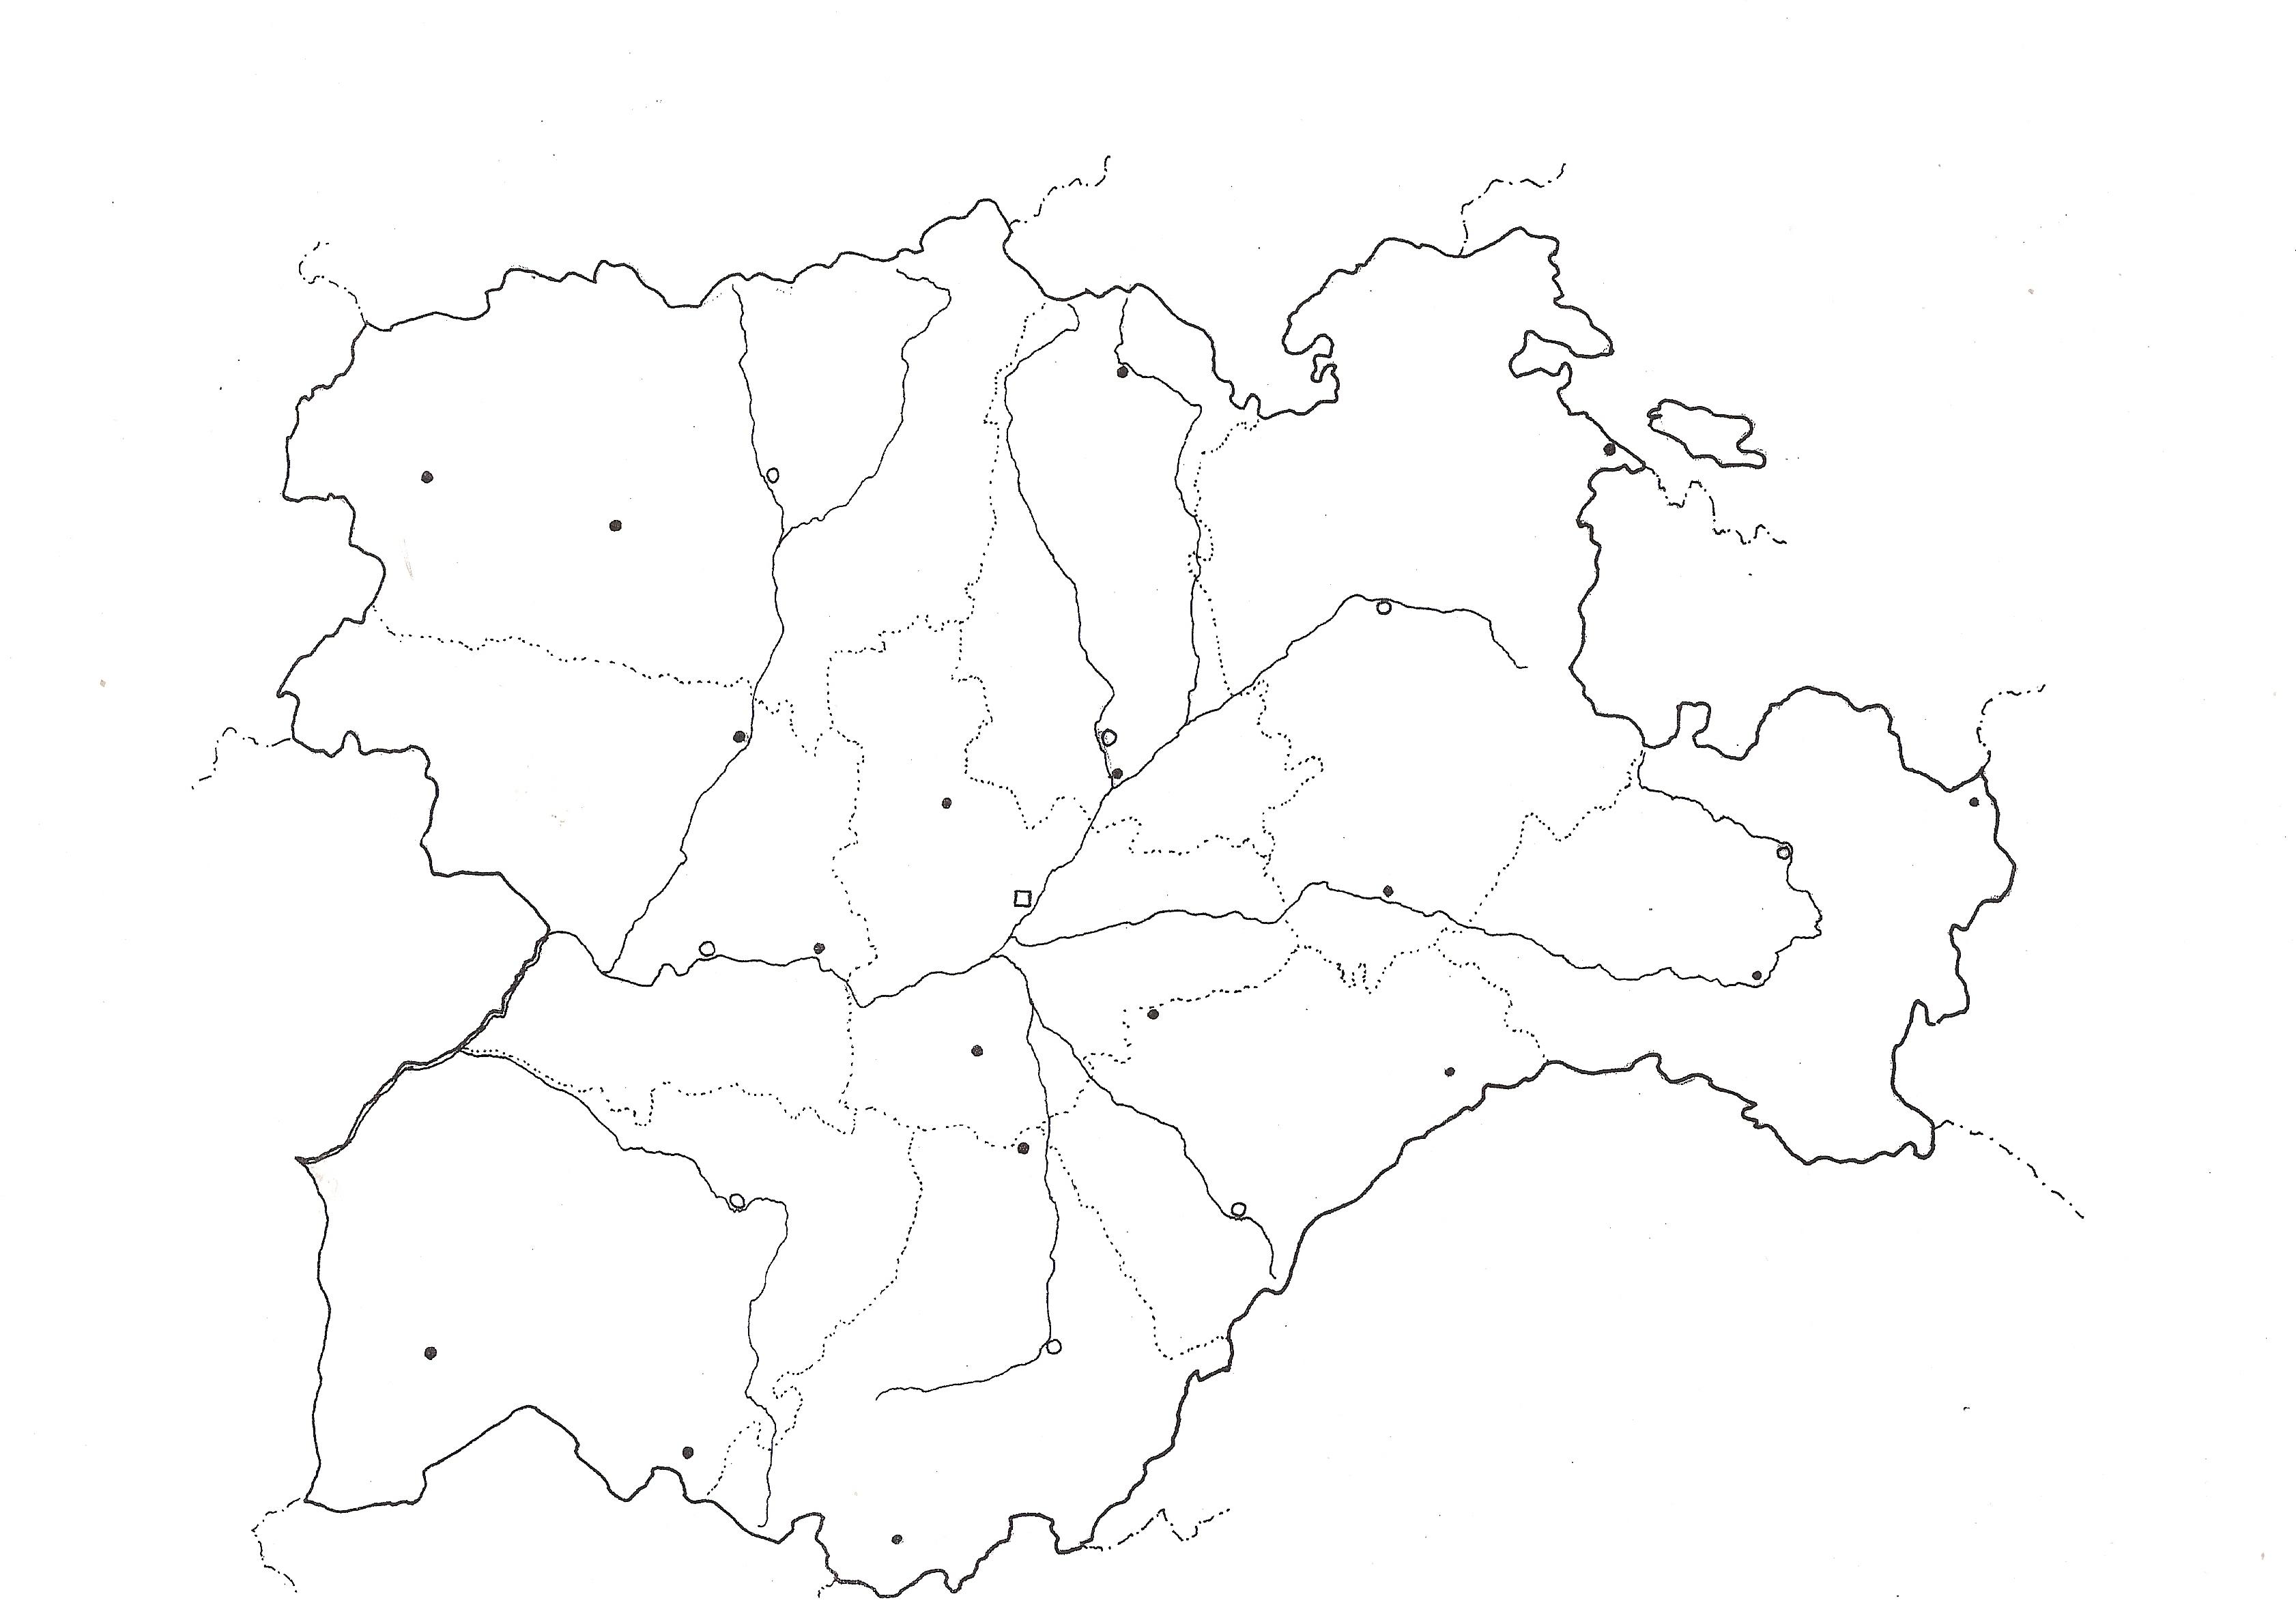 Mapa De España Mudo Rios Para Imprimir.Mapas De Espana Para Descargar E Imprimir Completamente